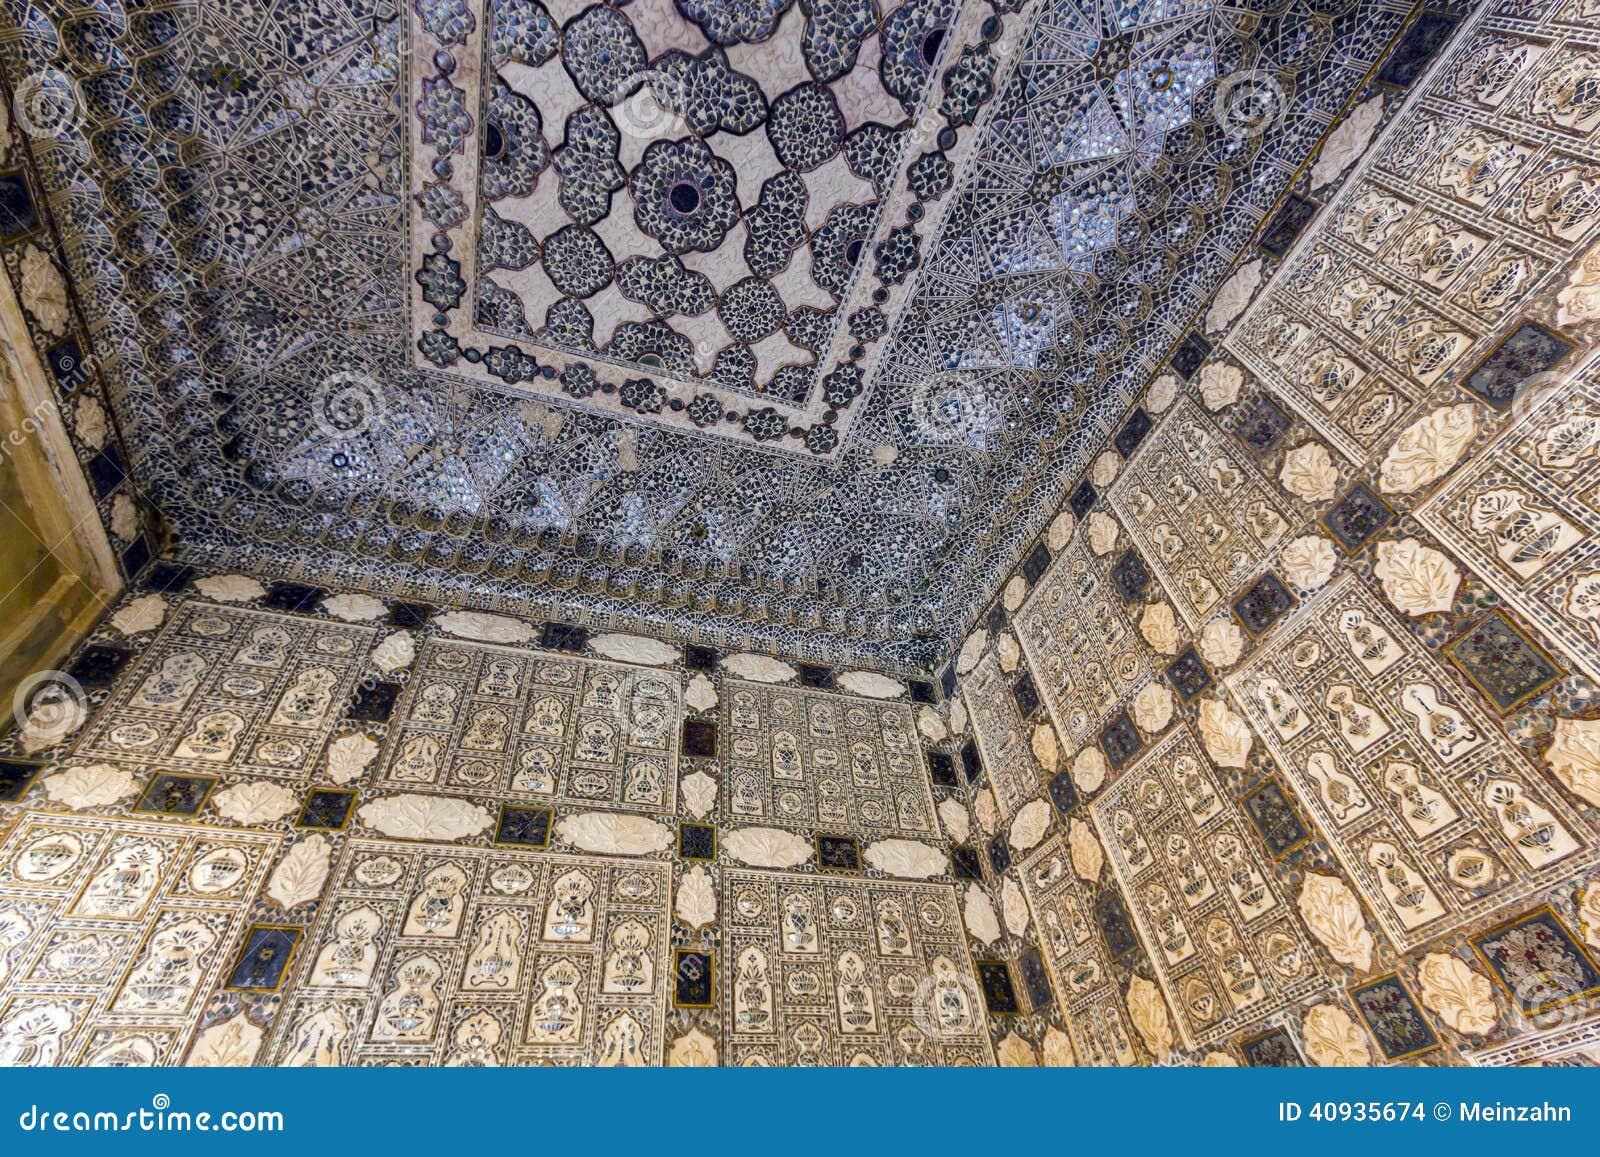 Närbild av rikt dekorerade väggar i bärnstensfärgat fort i Jaipur